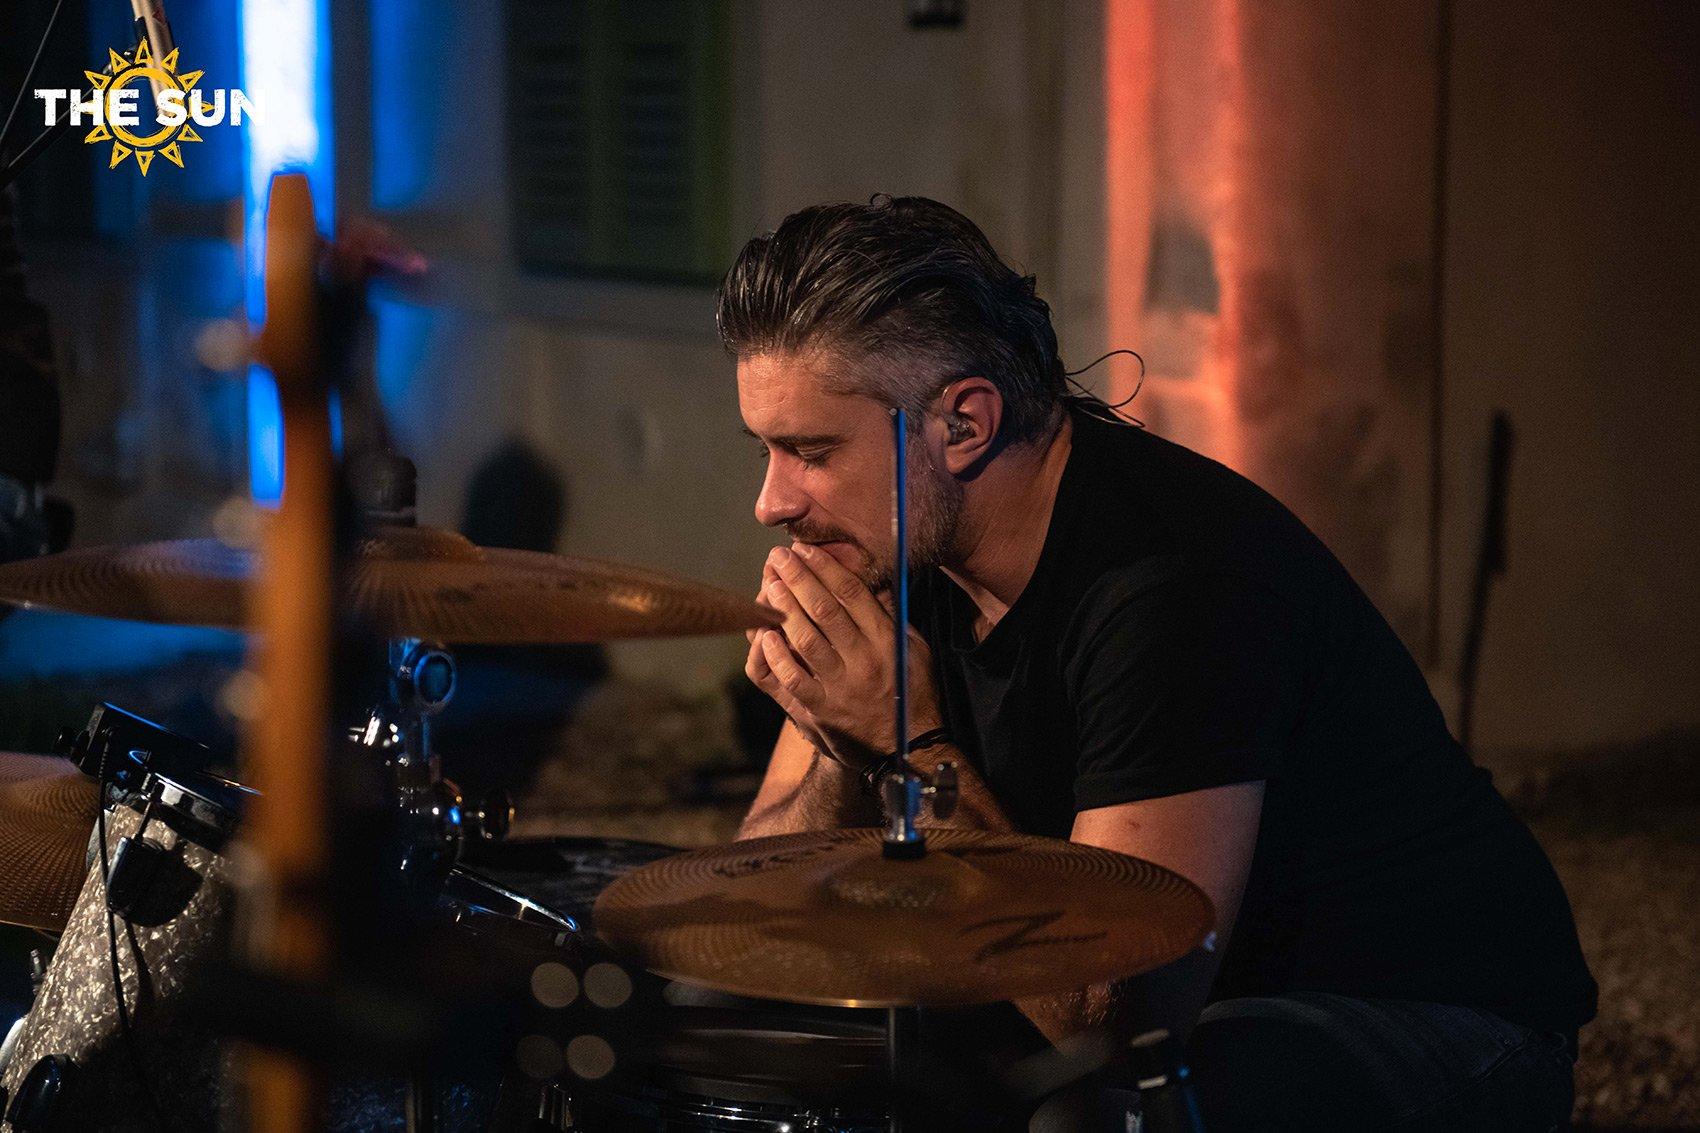 the sun rock band live torino